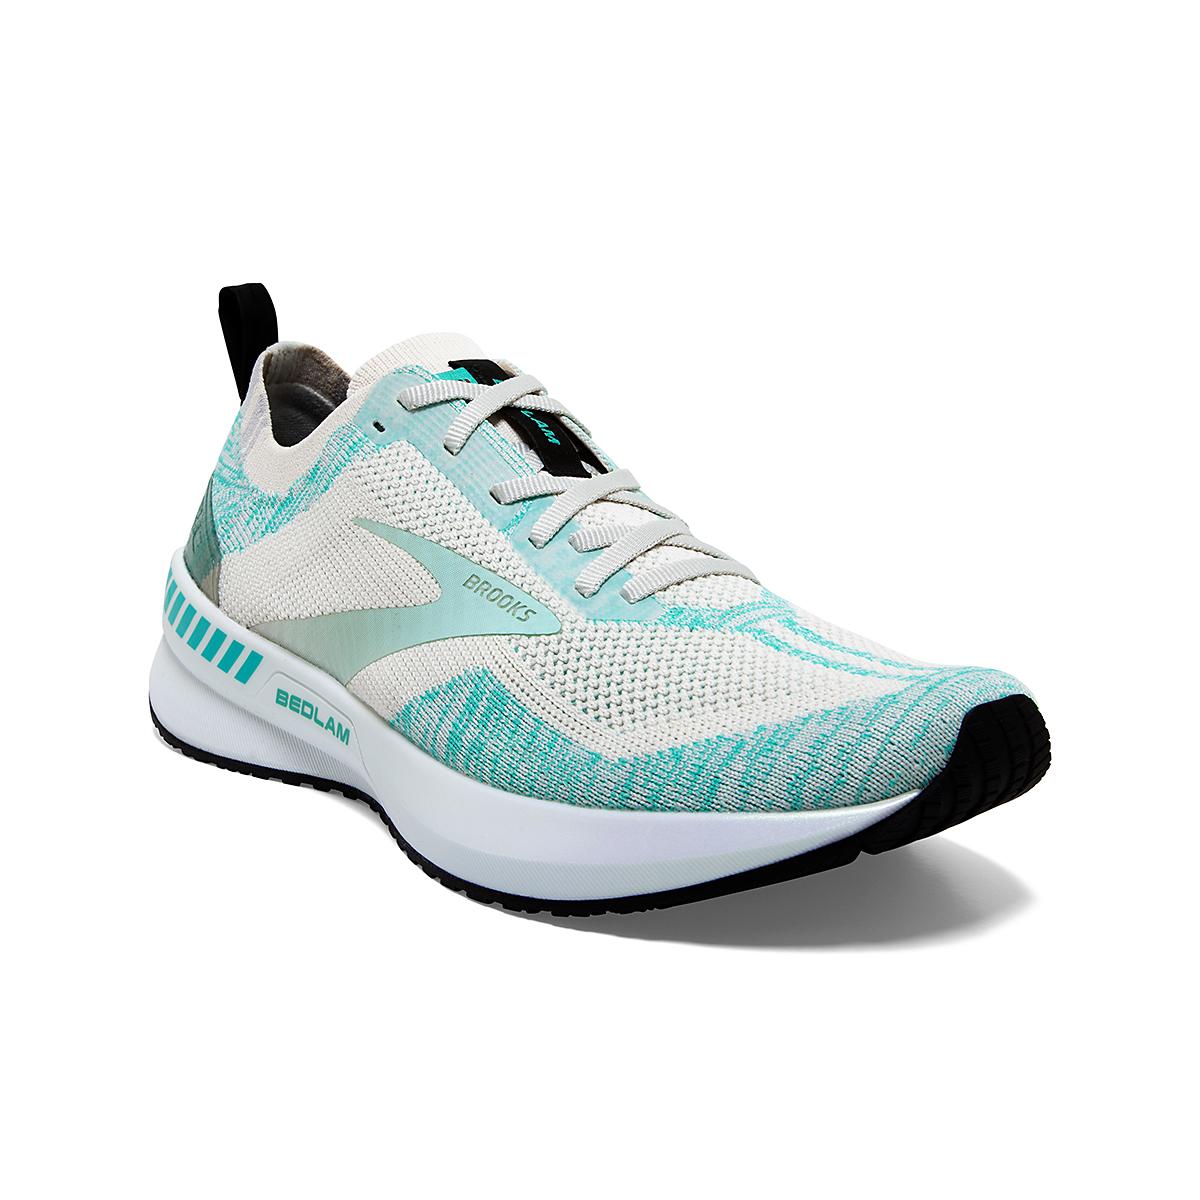 Women's Brooks Bedlam 3 Running Shoe - Color: Jet Stream/Atlantis/Antarctica - Size: 5 - Width: Regular, Jet Stream/Atlantis/Antarctica, large, image 3